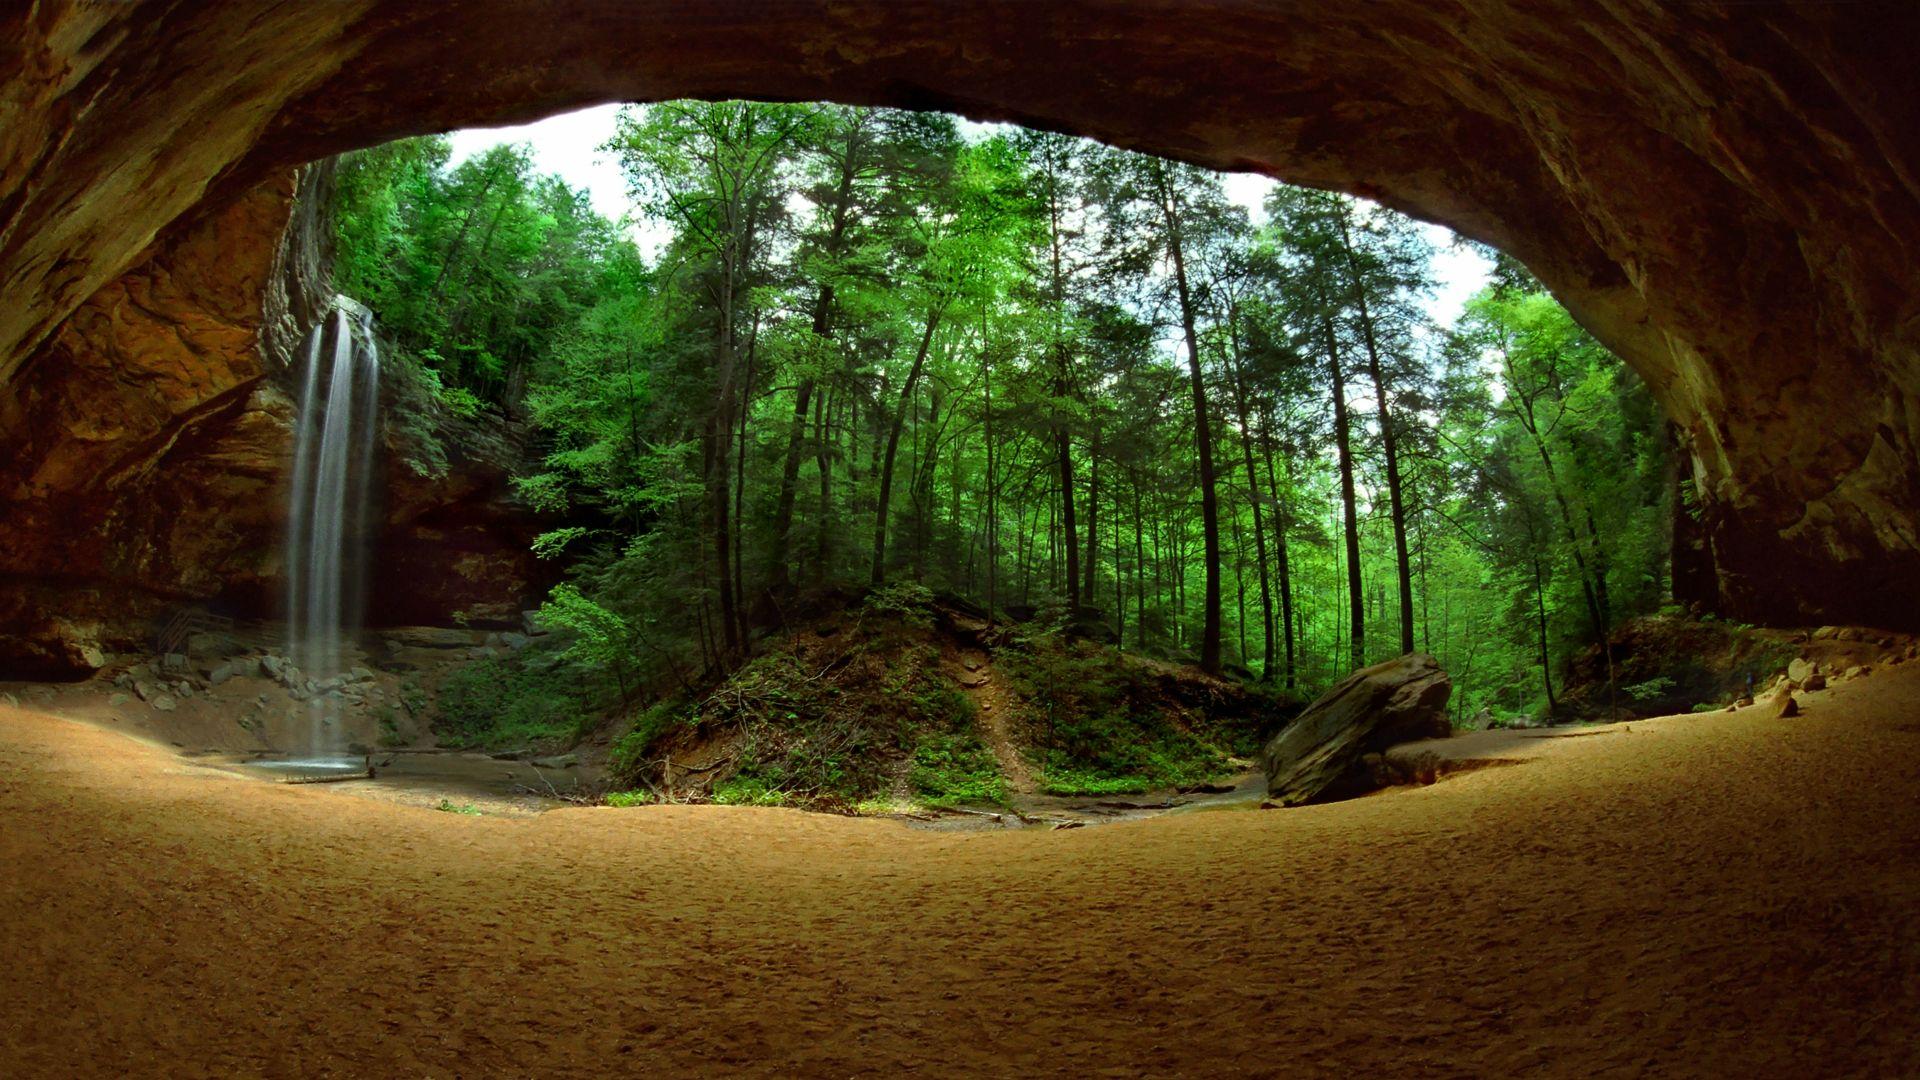 Cave Wallpaper 1920x1200px 765401 1920x1080